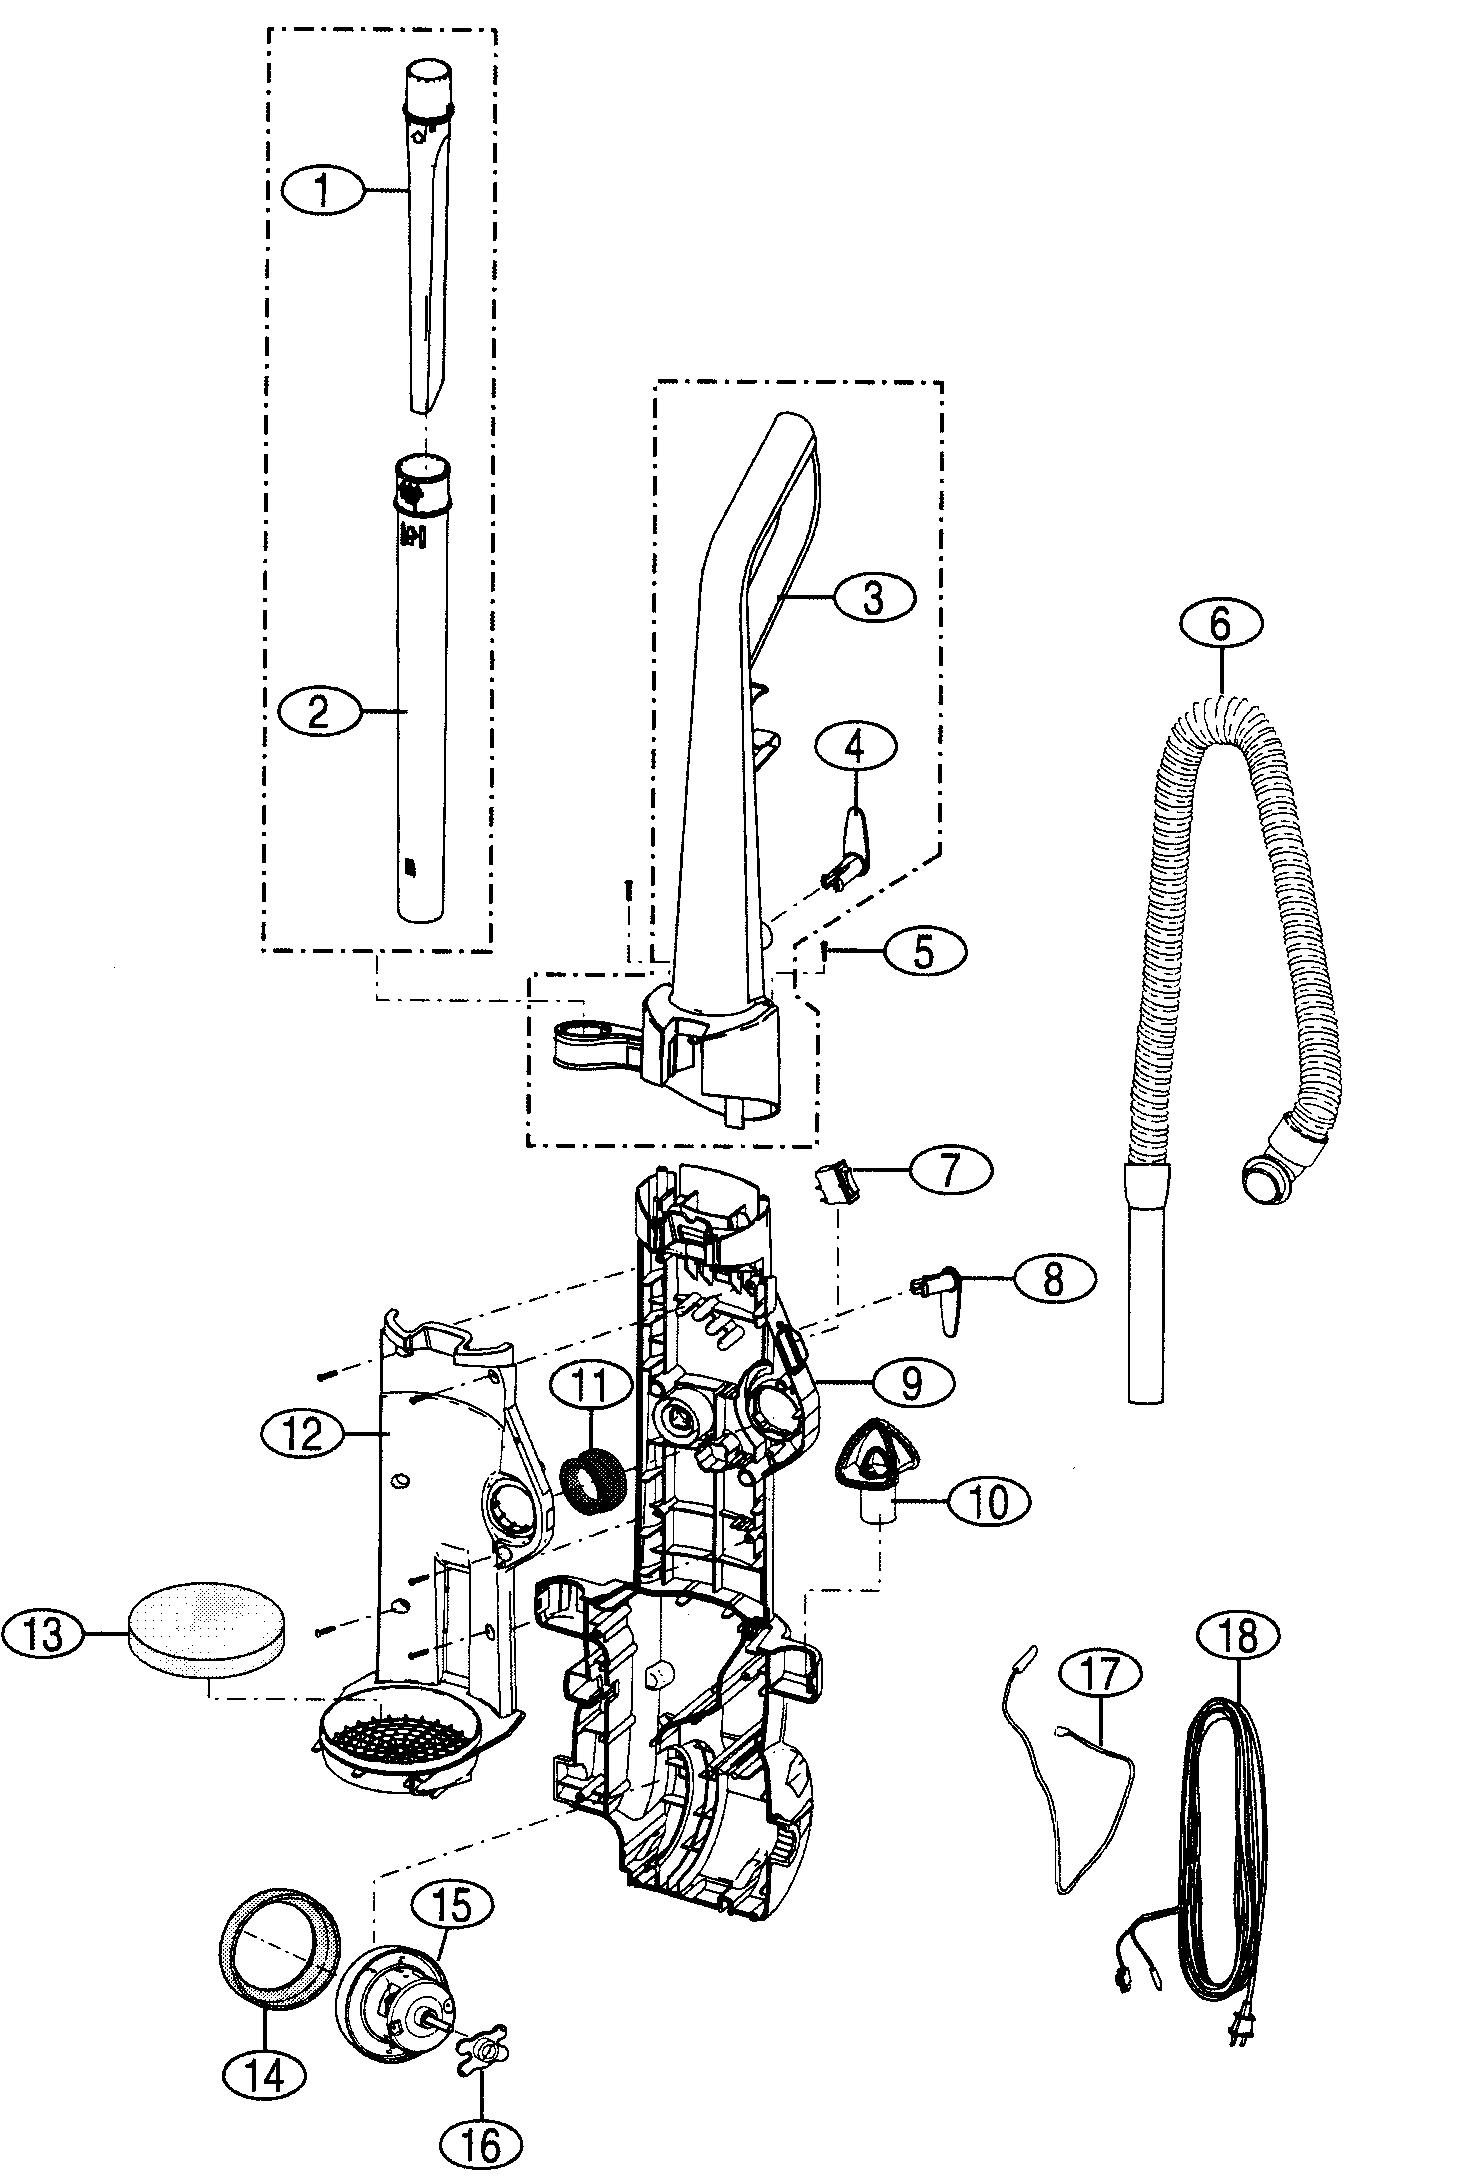 kenmore vacuum model 116 wiring diagram